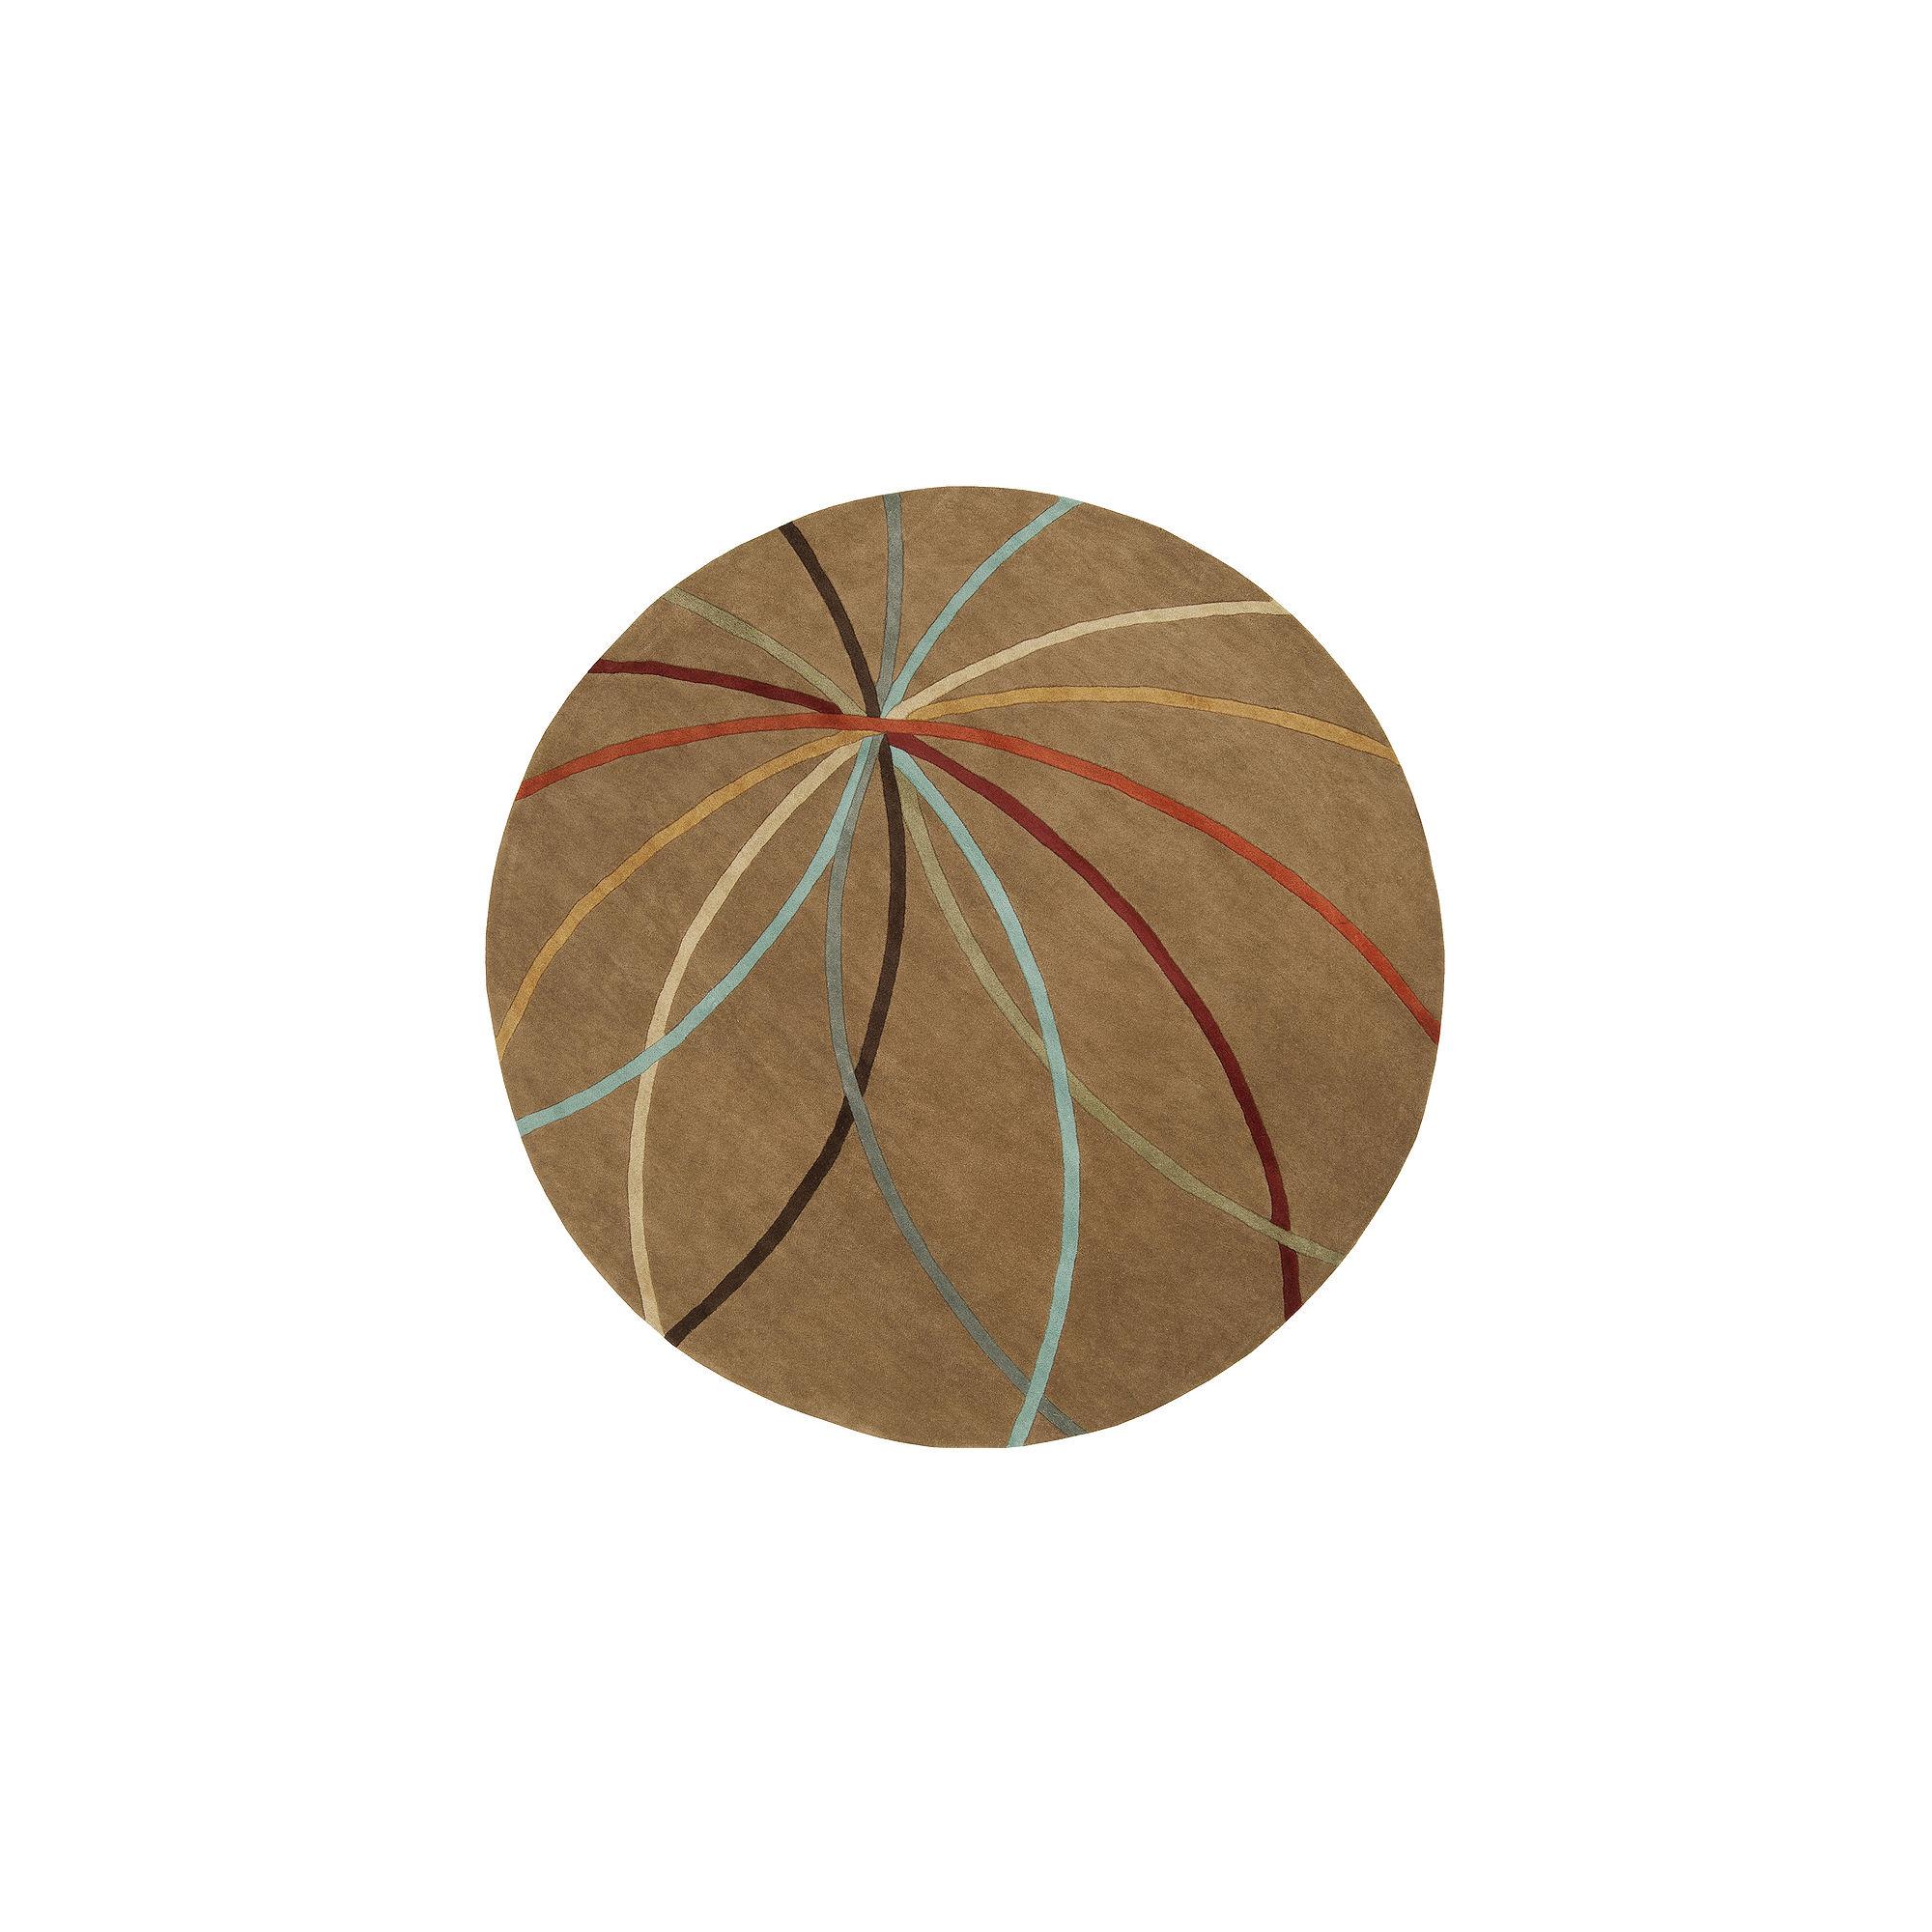 Decor 140 Obihiro Hand Tufted Round Rugs